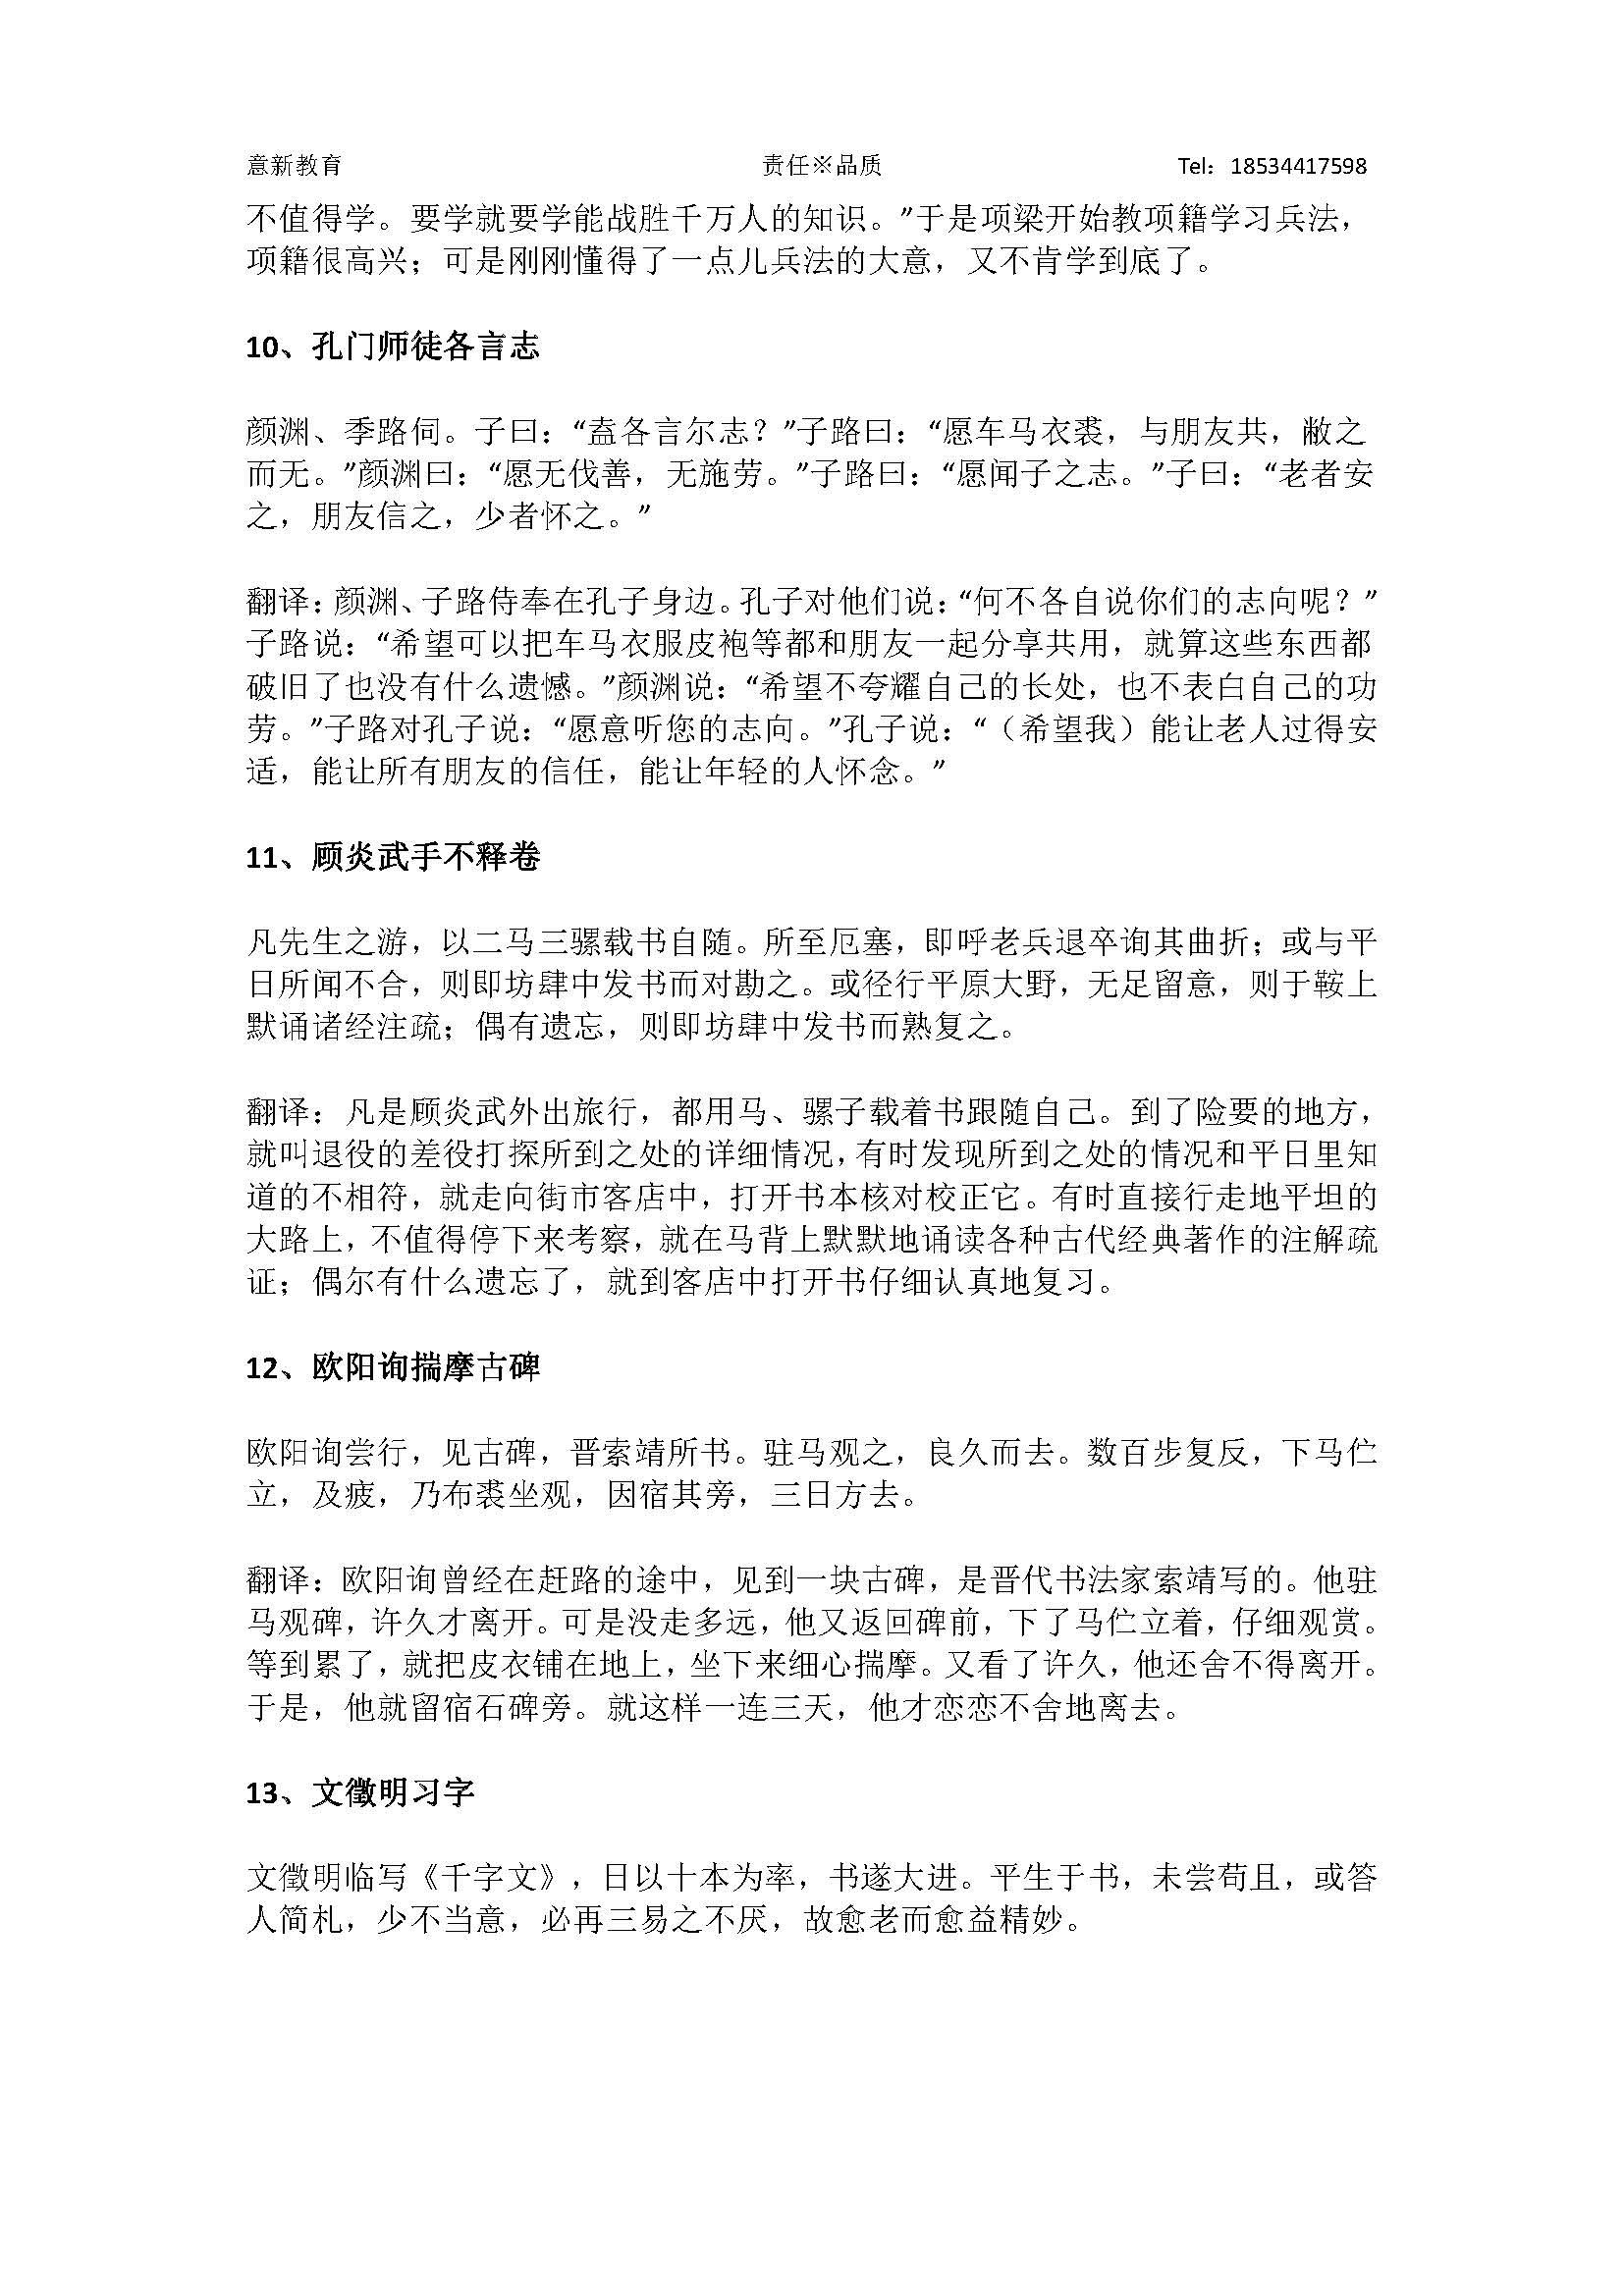 高考语文文言文翻译练习100篇_页面_04.jpg